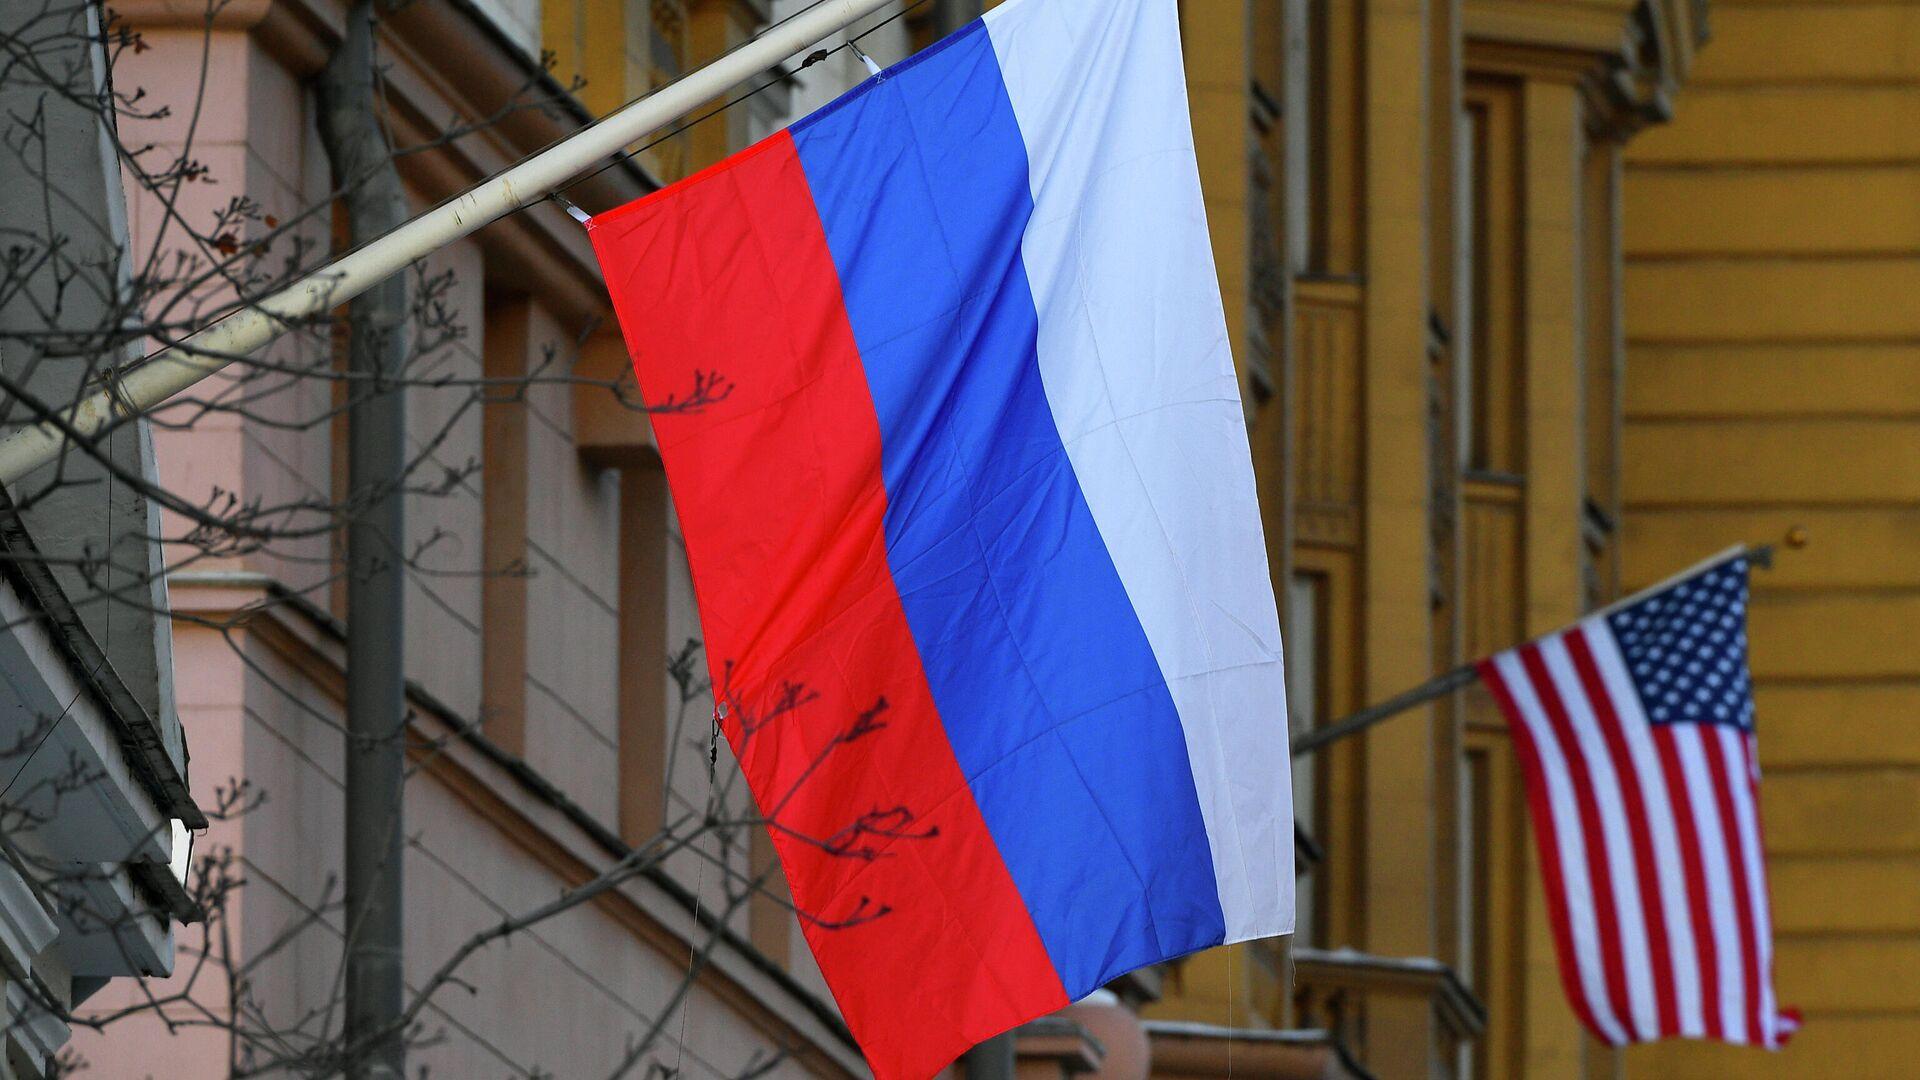 Banderas de Rusia y EEUU en la Embajada estadounidense en Moscú - Sputnik Mundo, 1920, 30.04.2021